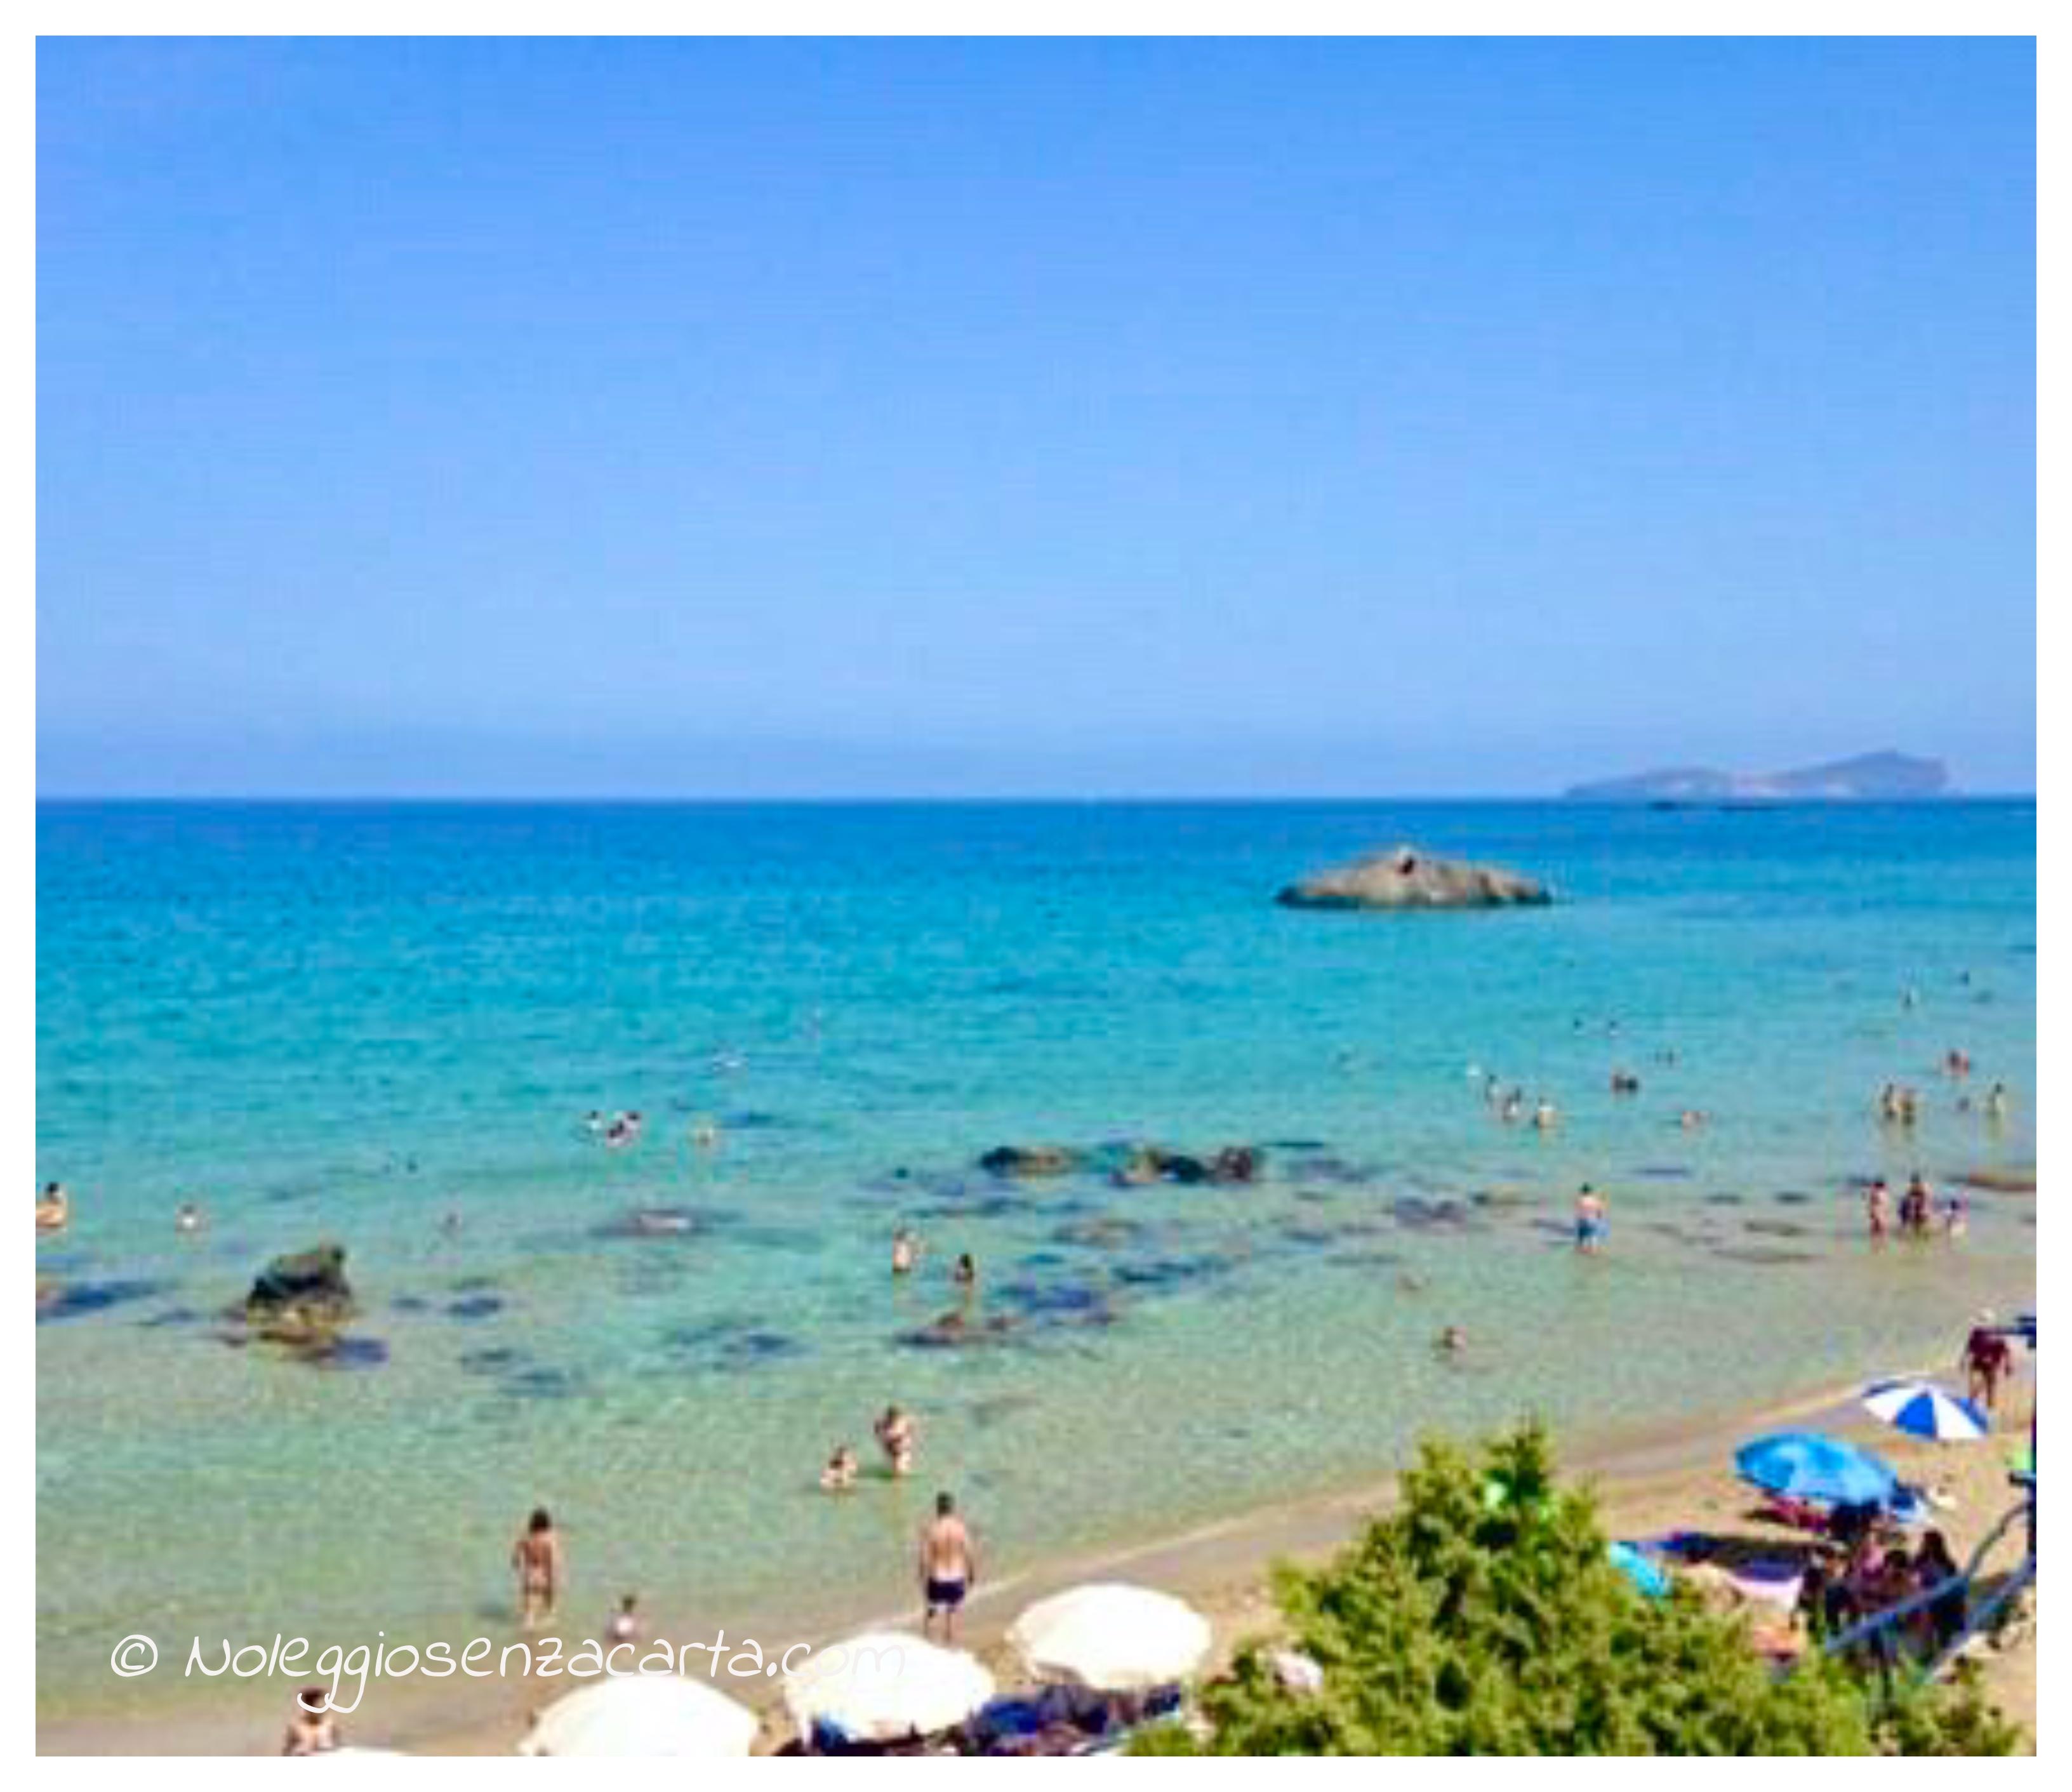 Alquiler coche en Ibiza sin tarjeta de crédito